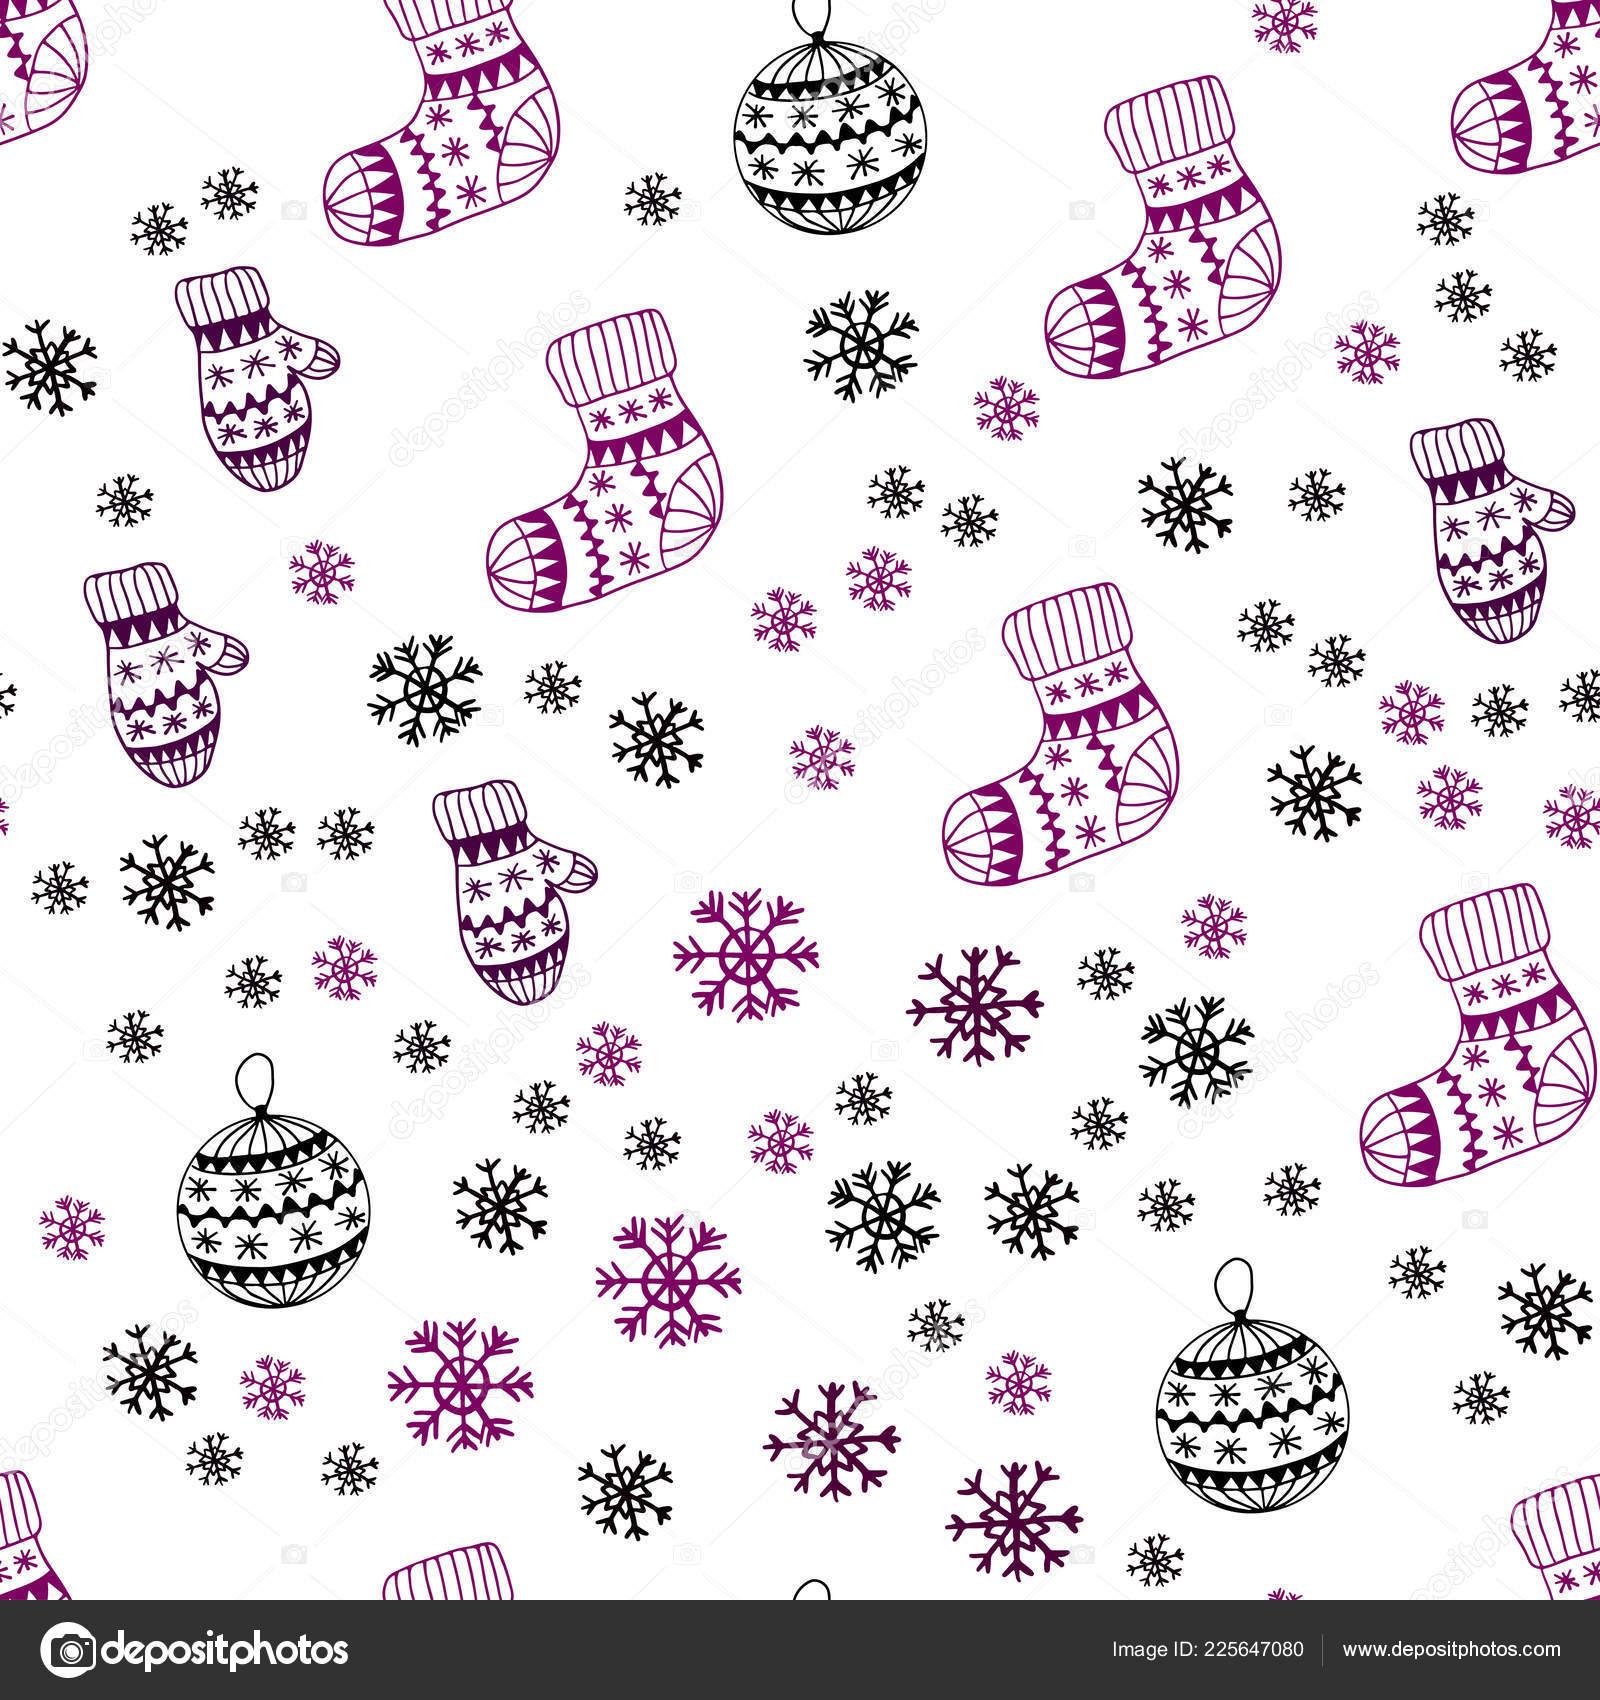 Avec Des Flocons De Neige Belles Balles Chaussettes Mitaines Brillante Illustration Coloree Dans Le Style Noel Modele Pour Cartes Visite